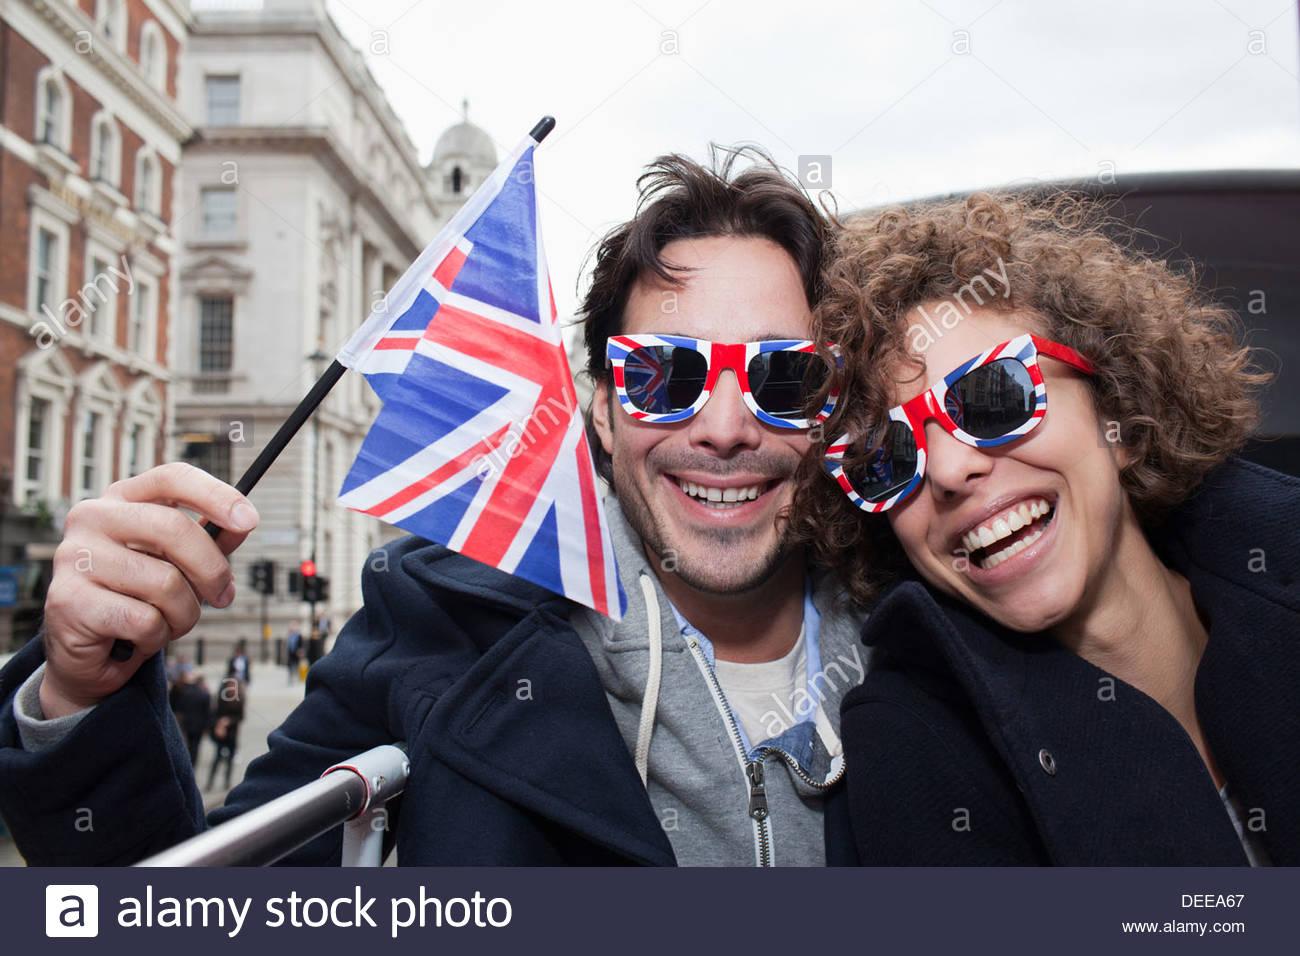 Retrato de una exuberante pareja con bandera británica y gafas de sol cabalgando double decker bus Imagen De Stock